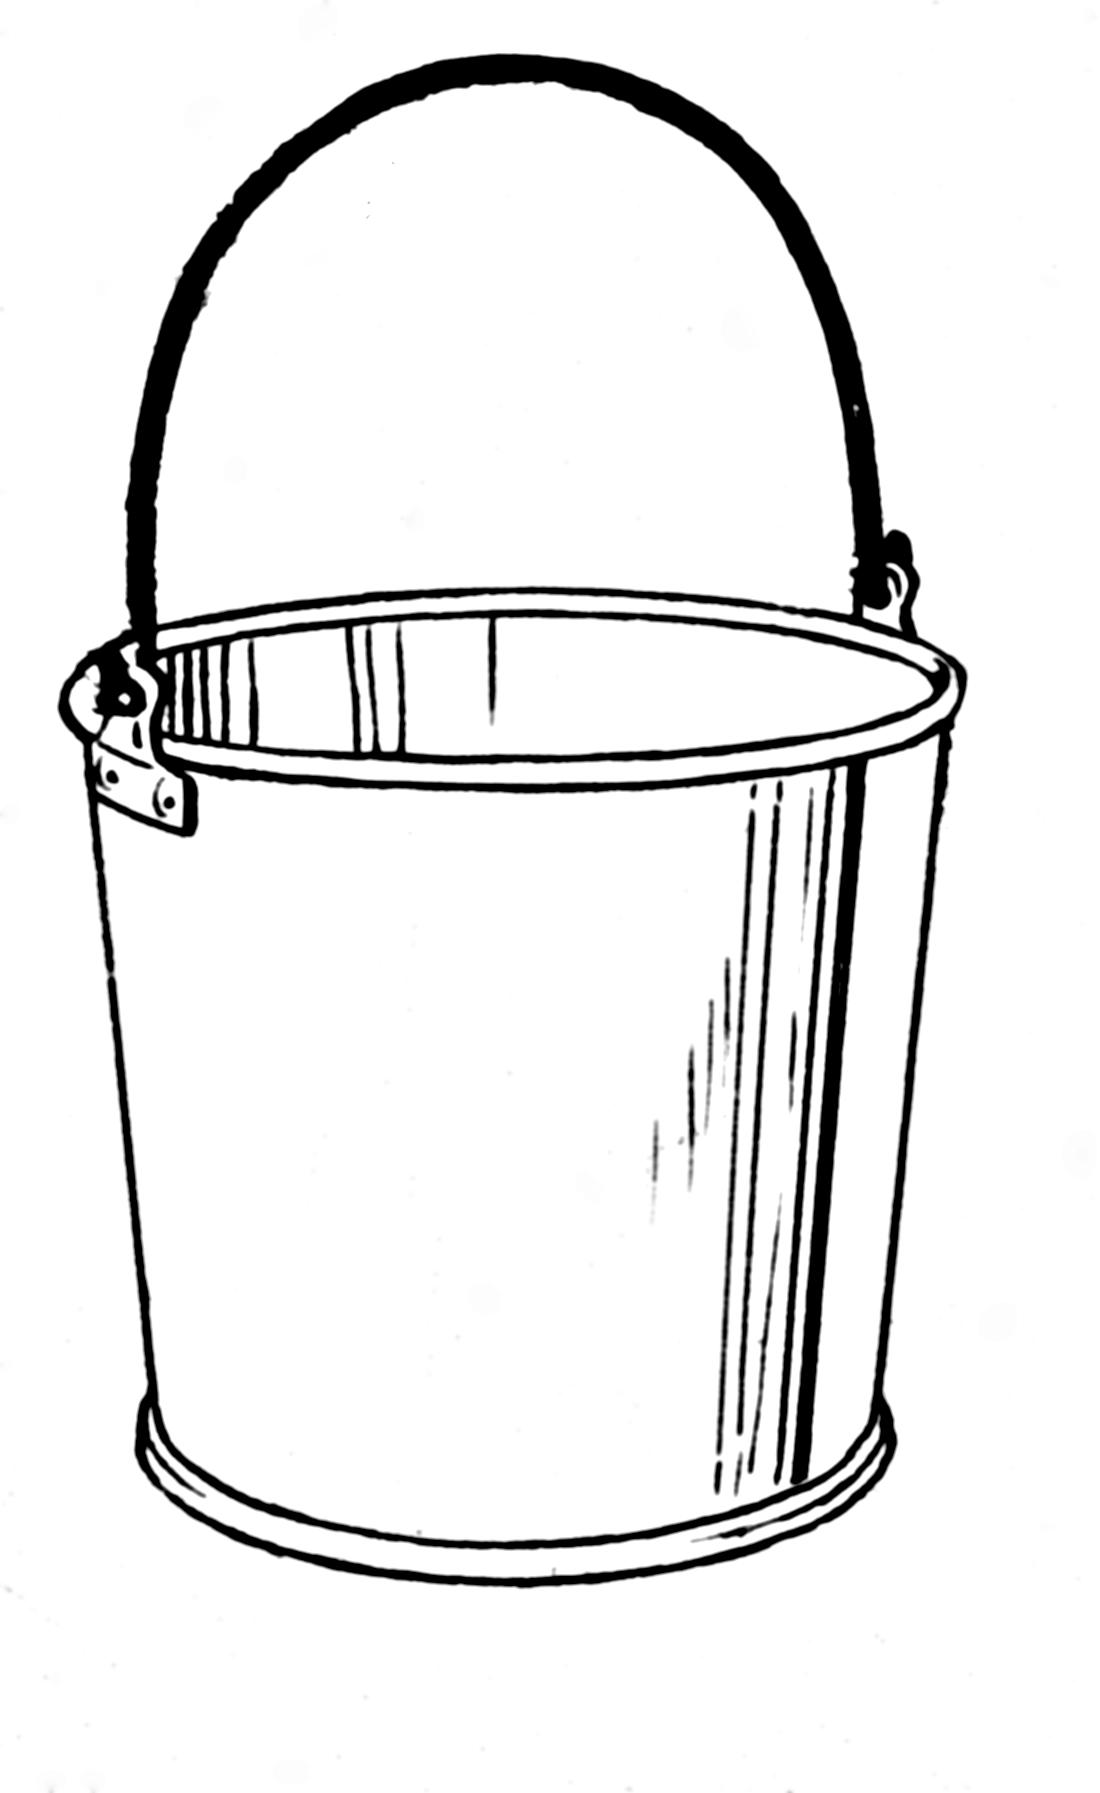 pail - Wiktionary